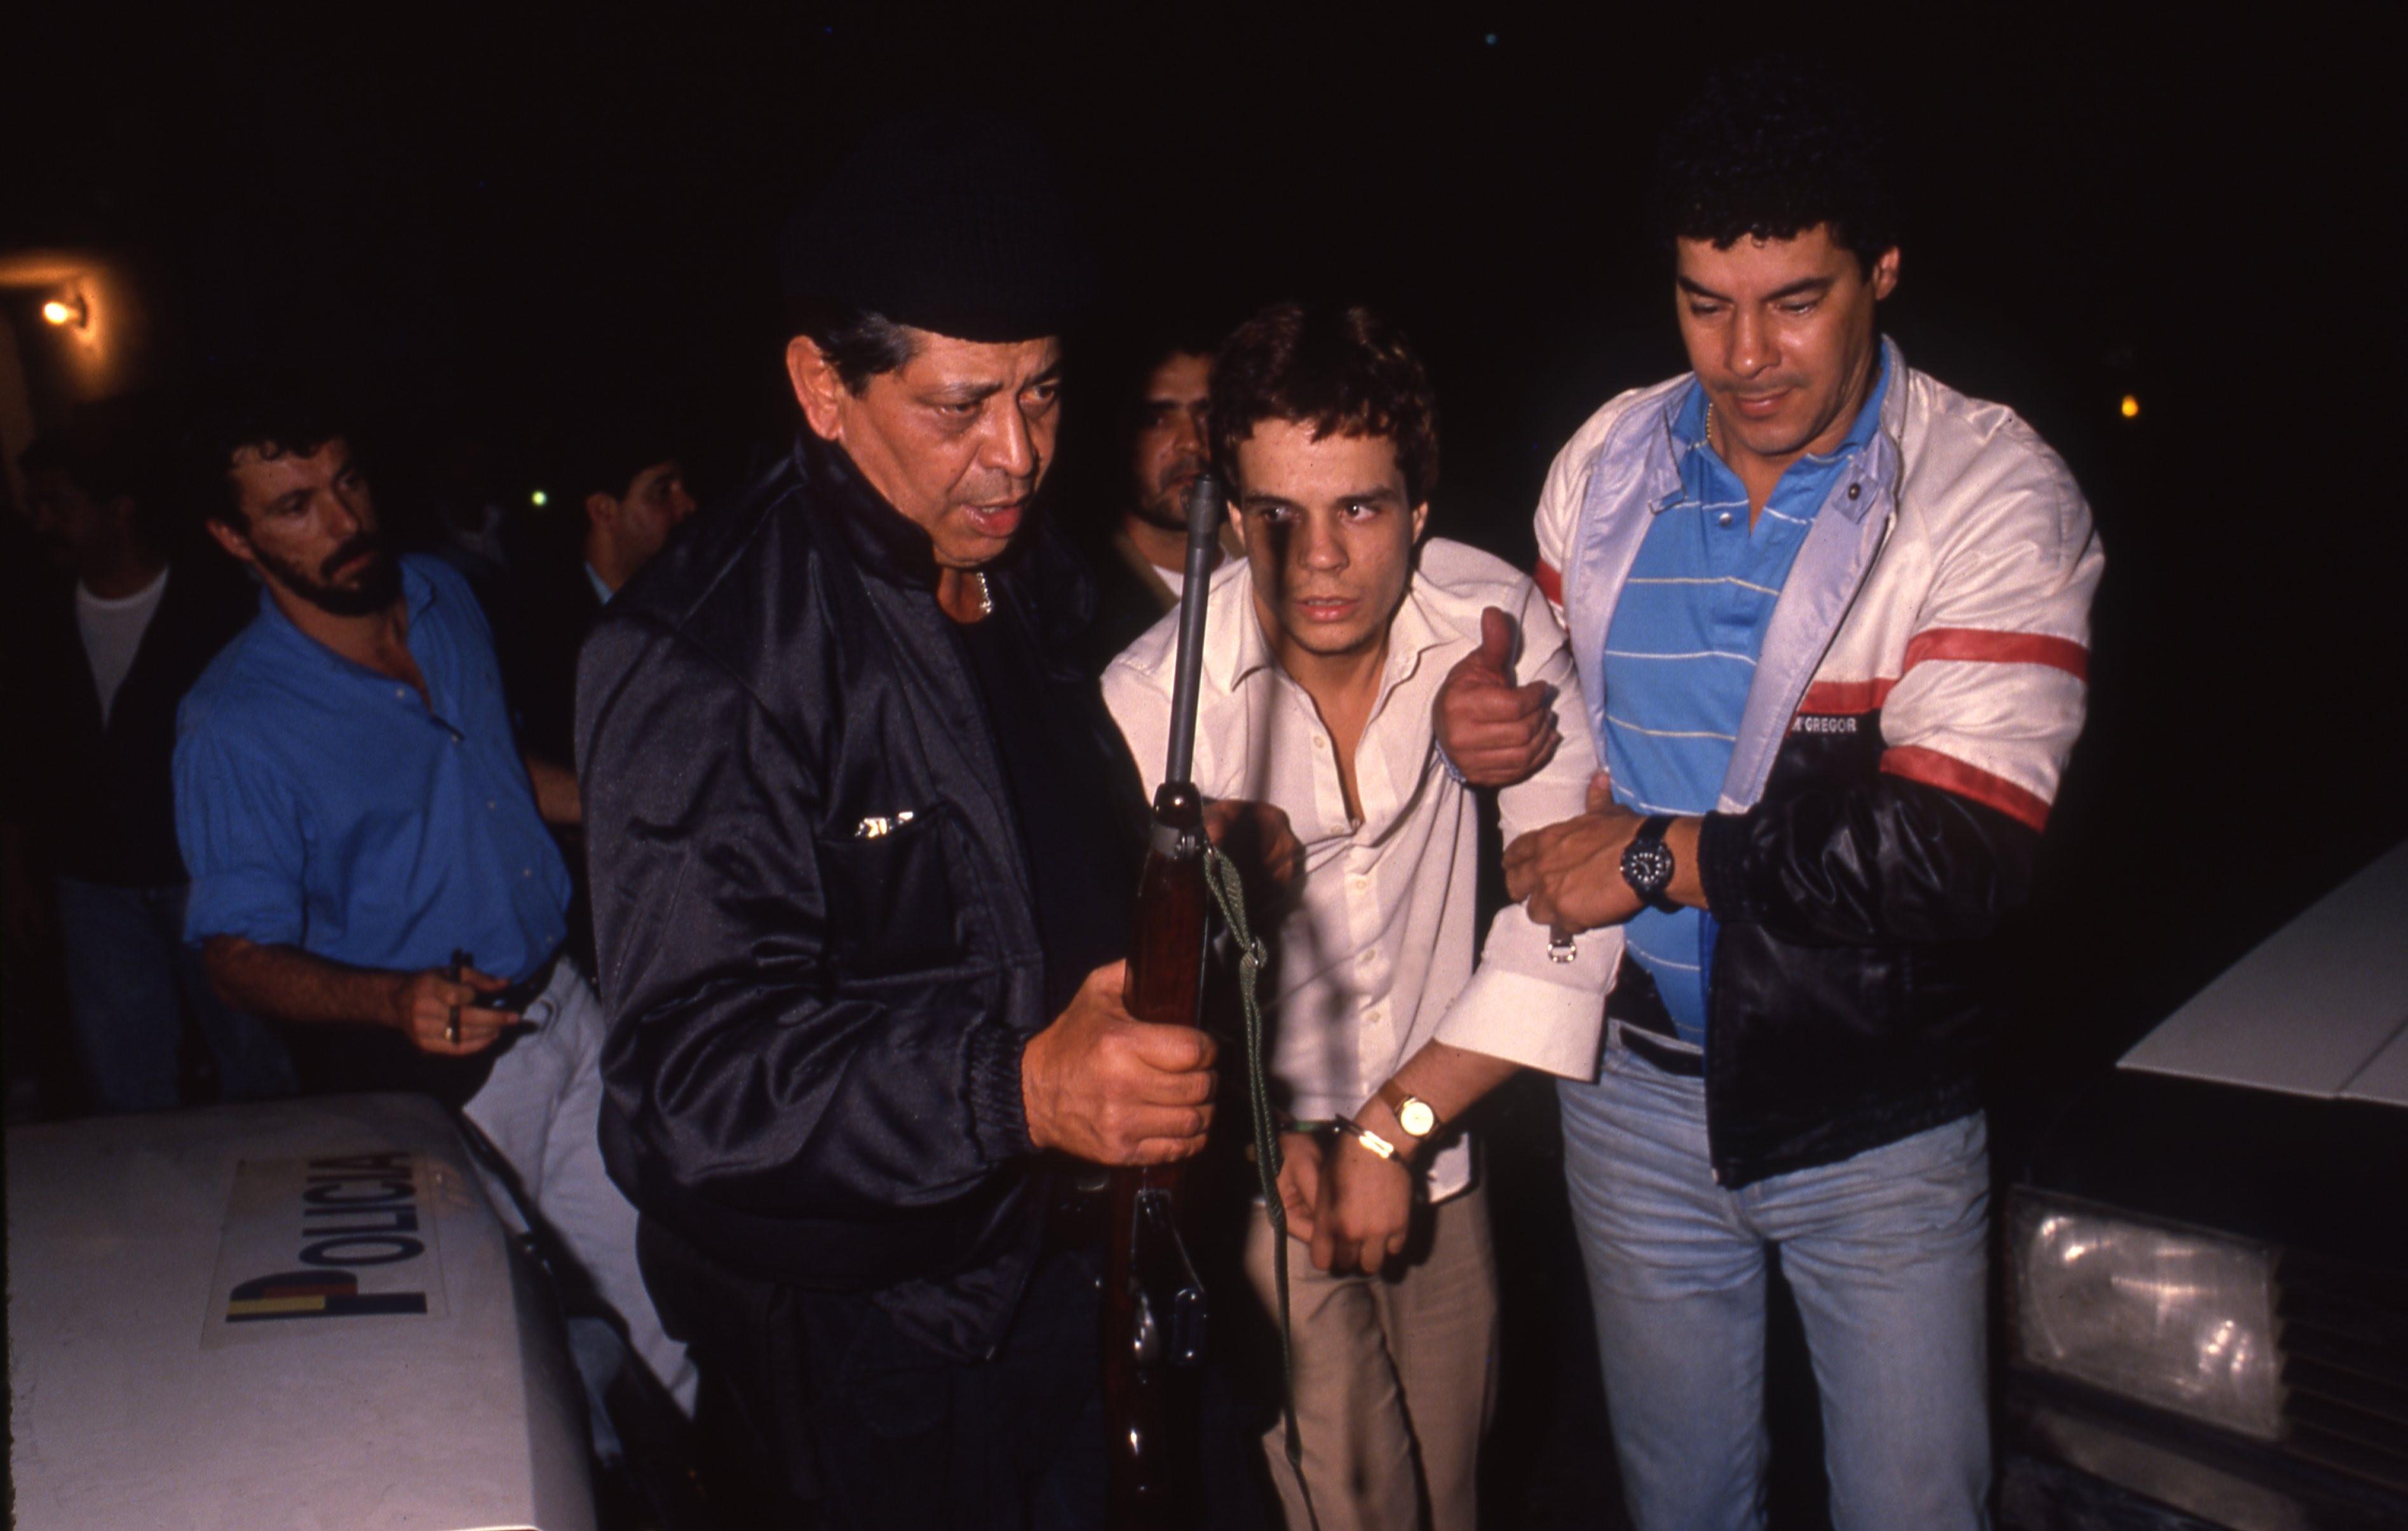 O assaltante Mauro Luiz Domingos Gonçalves de Oliveira (Maurinho Branco) foi preso na Glória